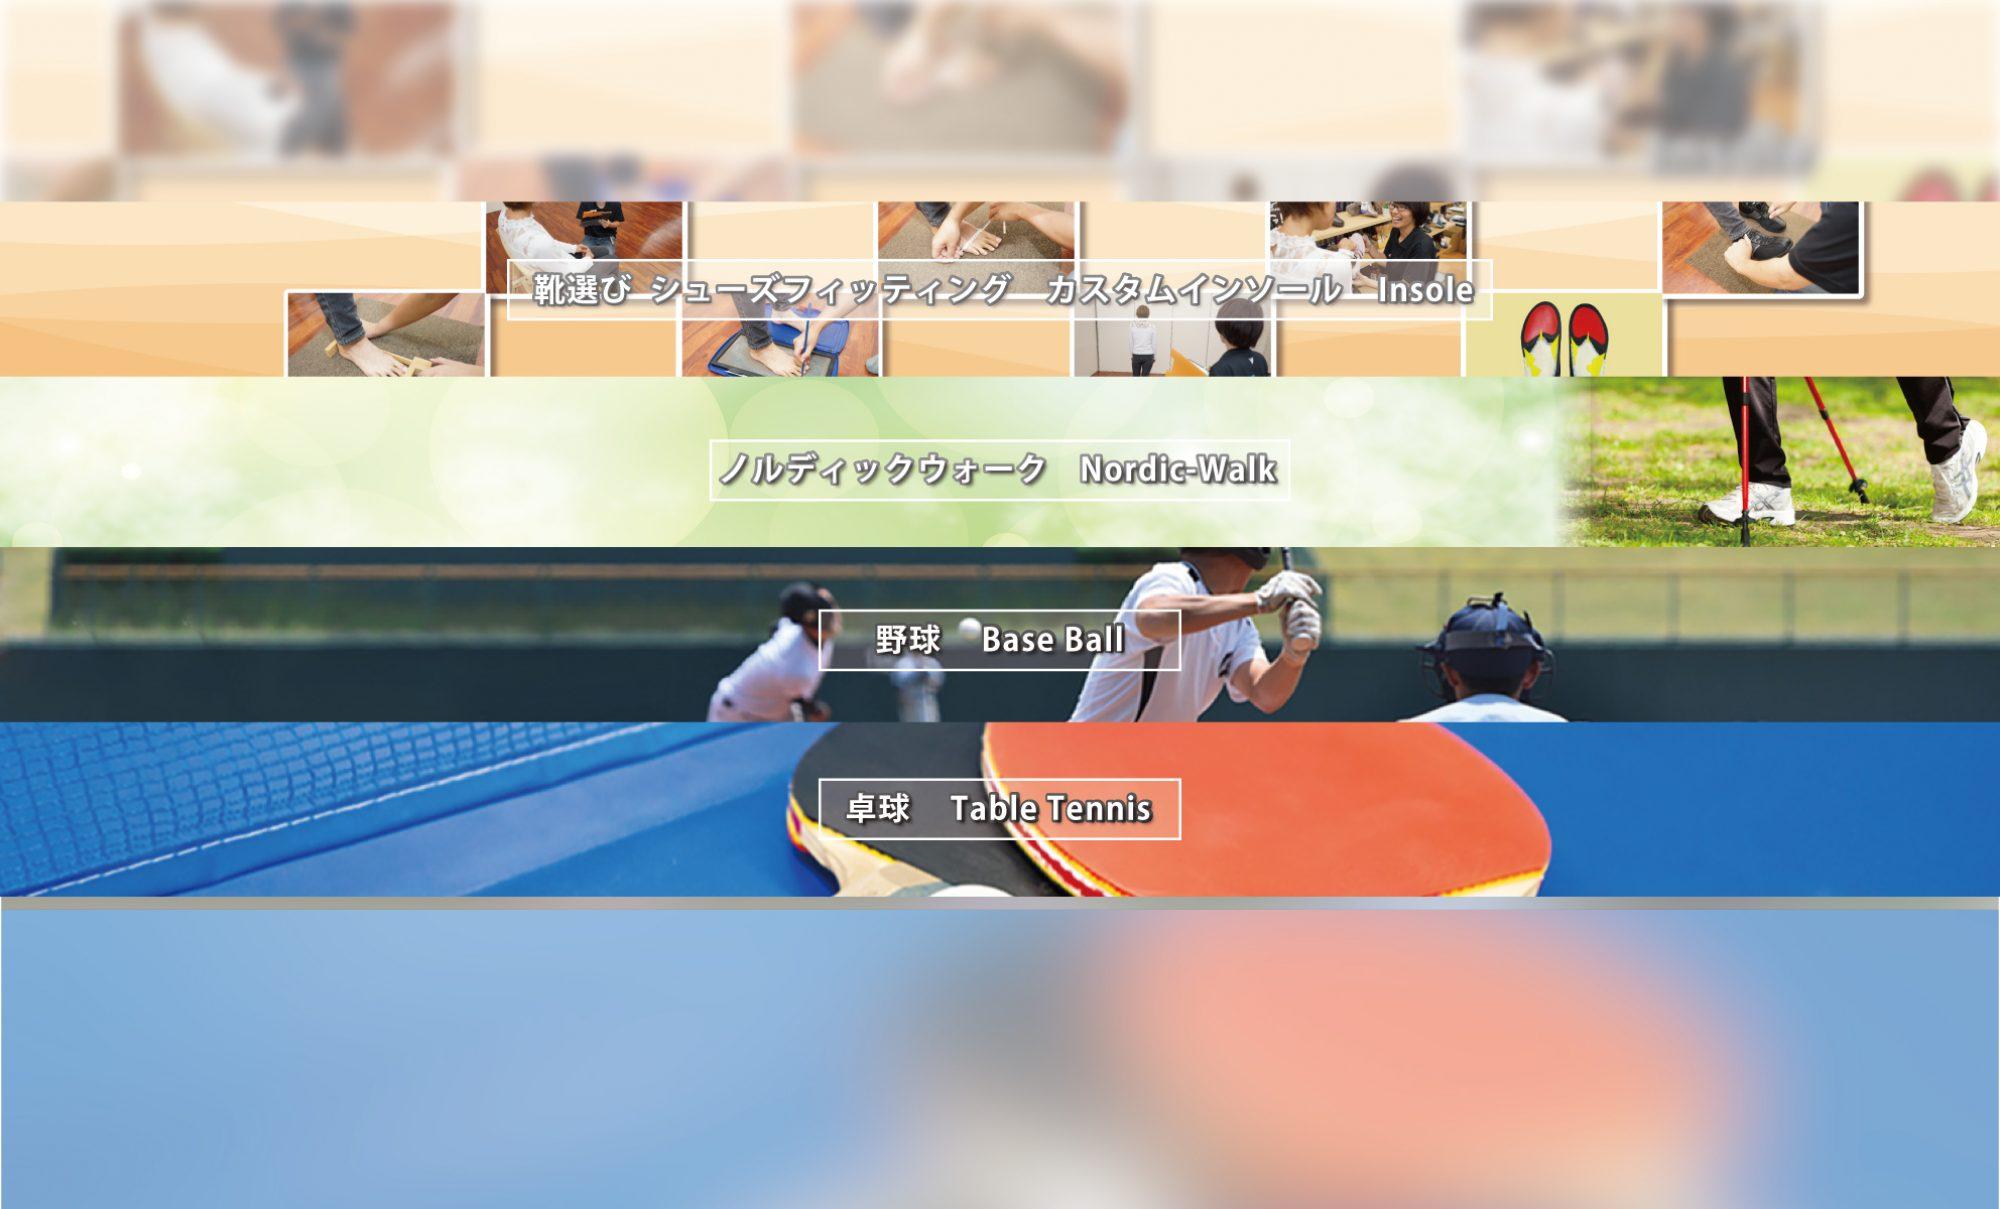 埼玉|卓球|野沢スポーツ|埼玉県 東松山市 野球 卓球 靴